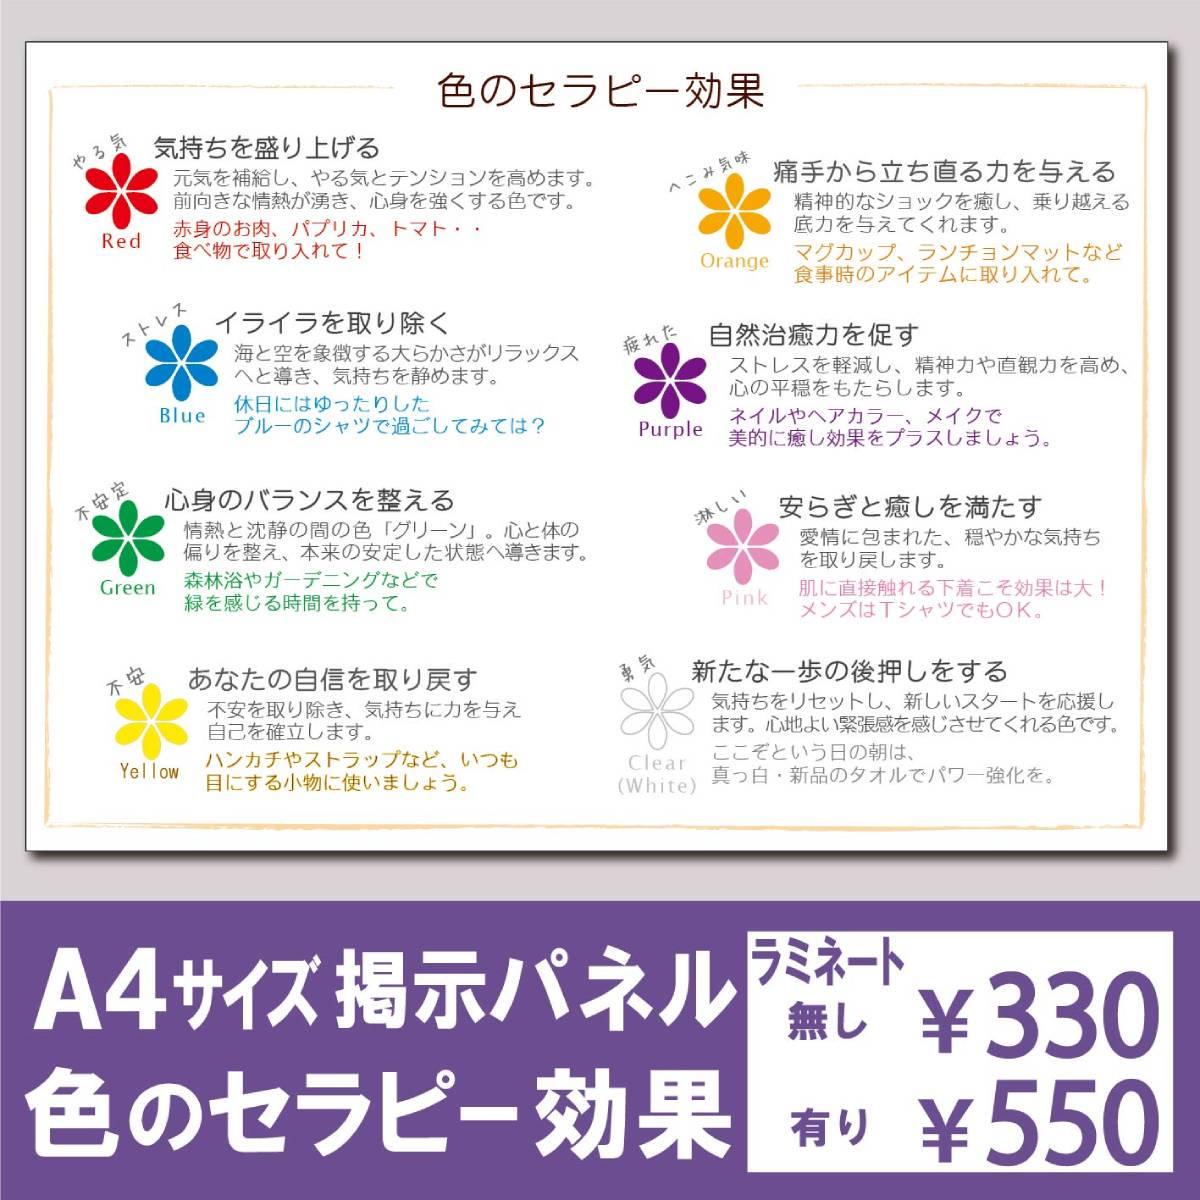 セラピー掲示パネル「色の効果」A4サイズ版